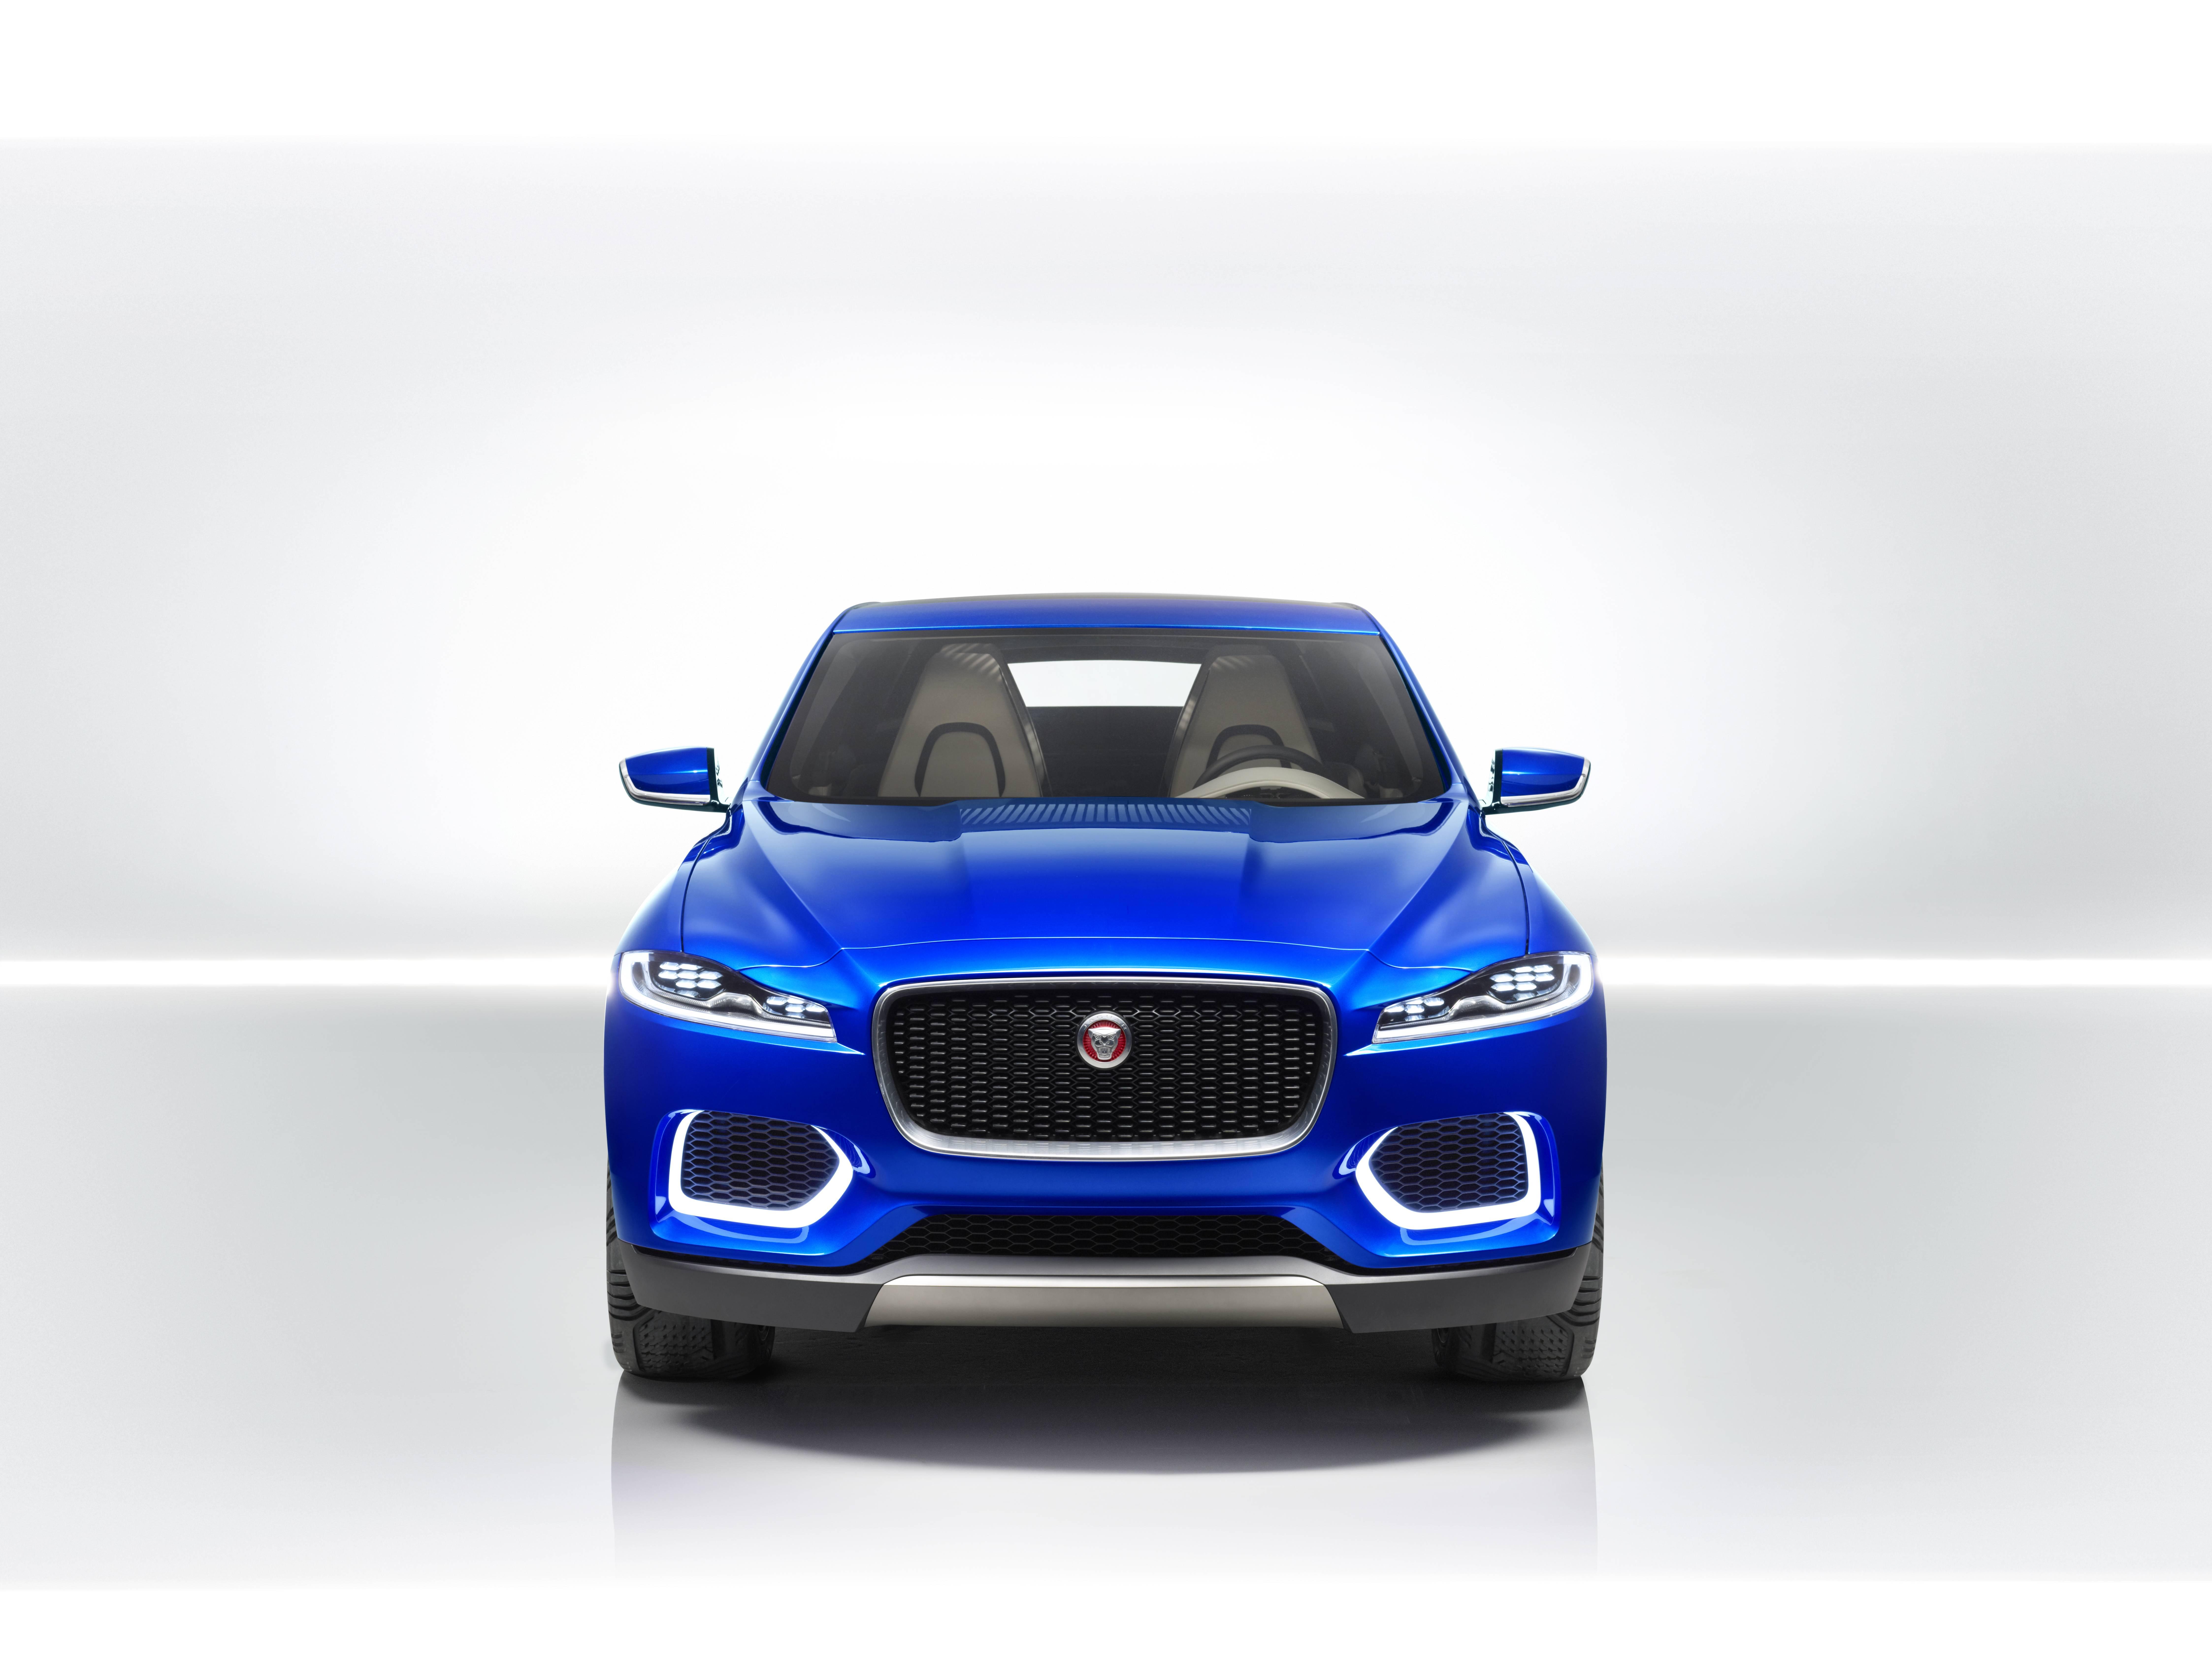 Jaguar C-X17 Front Angle